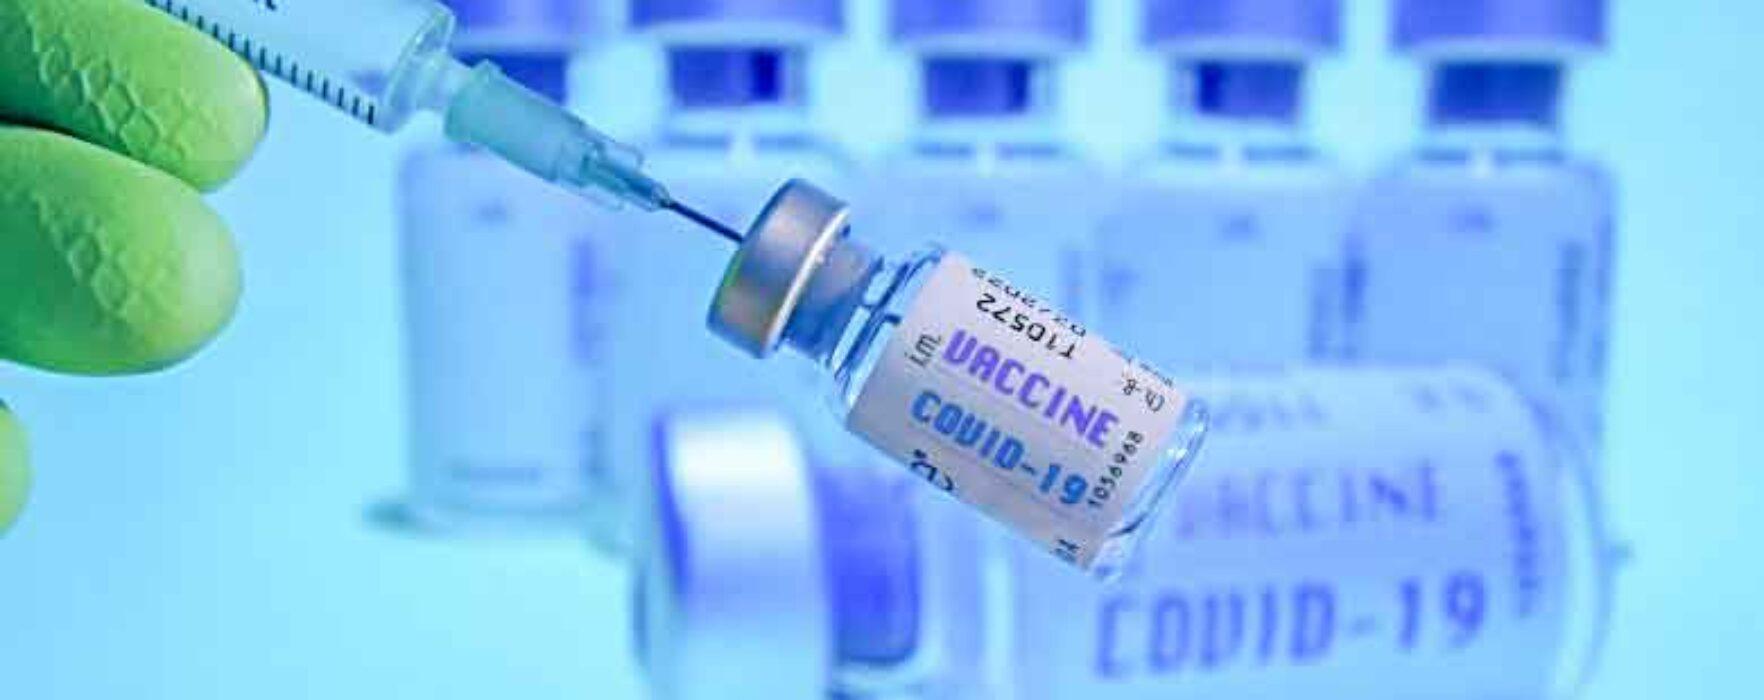 Dâmboviţa: Pucioasa – pe primul loc la vaccinare, Cojasca pe ultimul